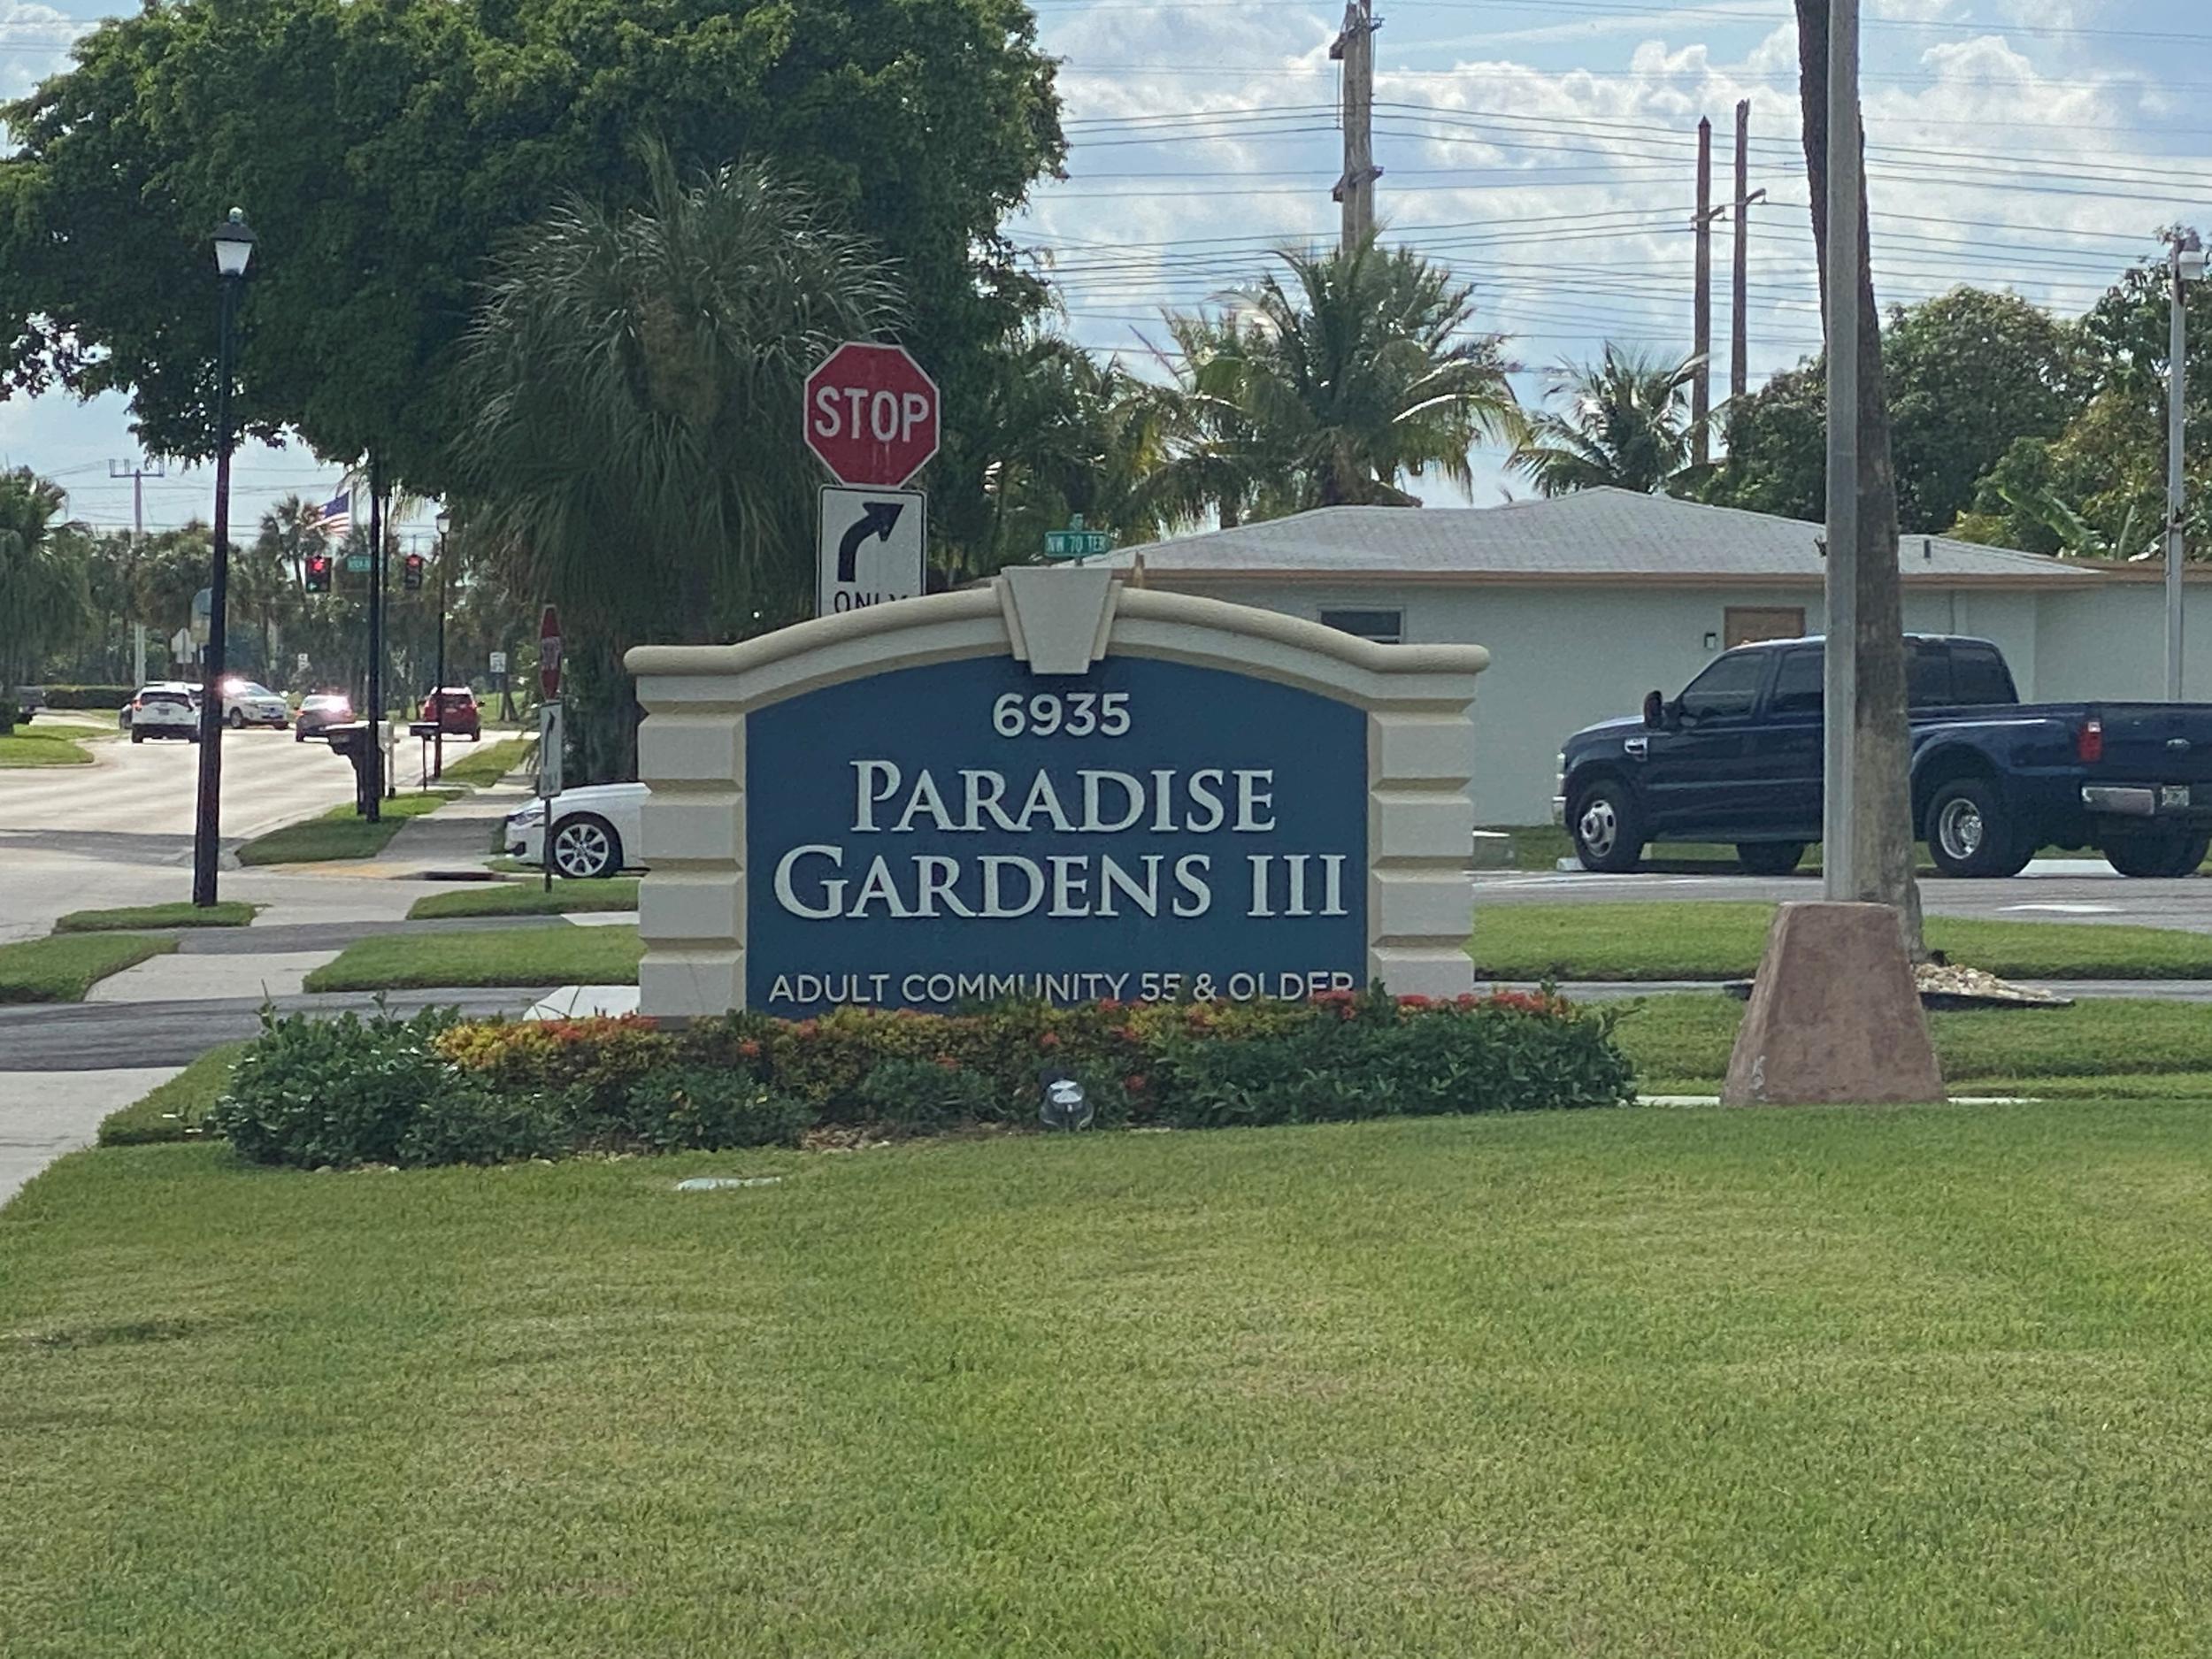 paradisegardens3marquis.jpg